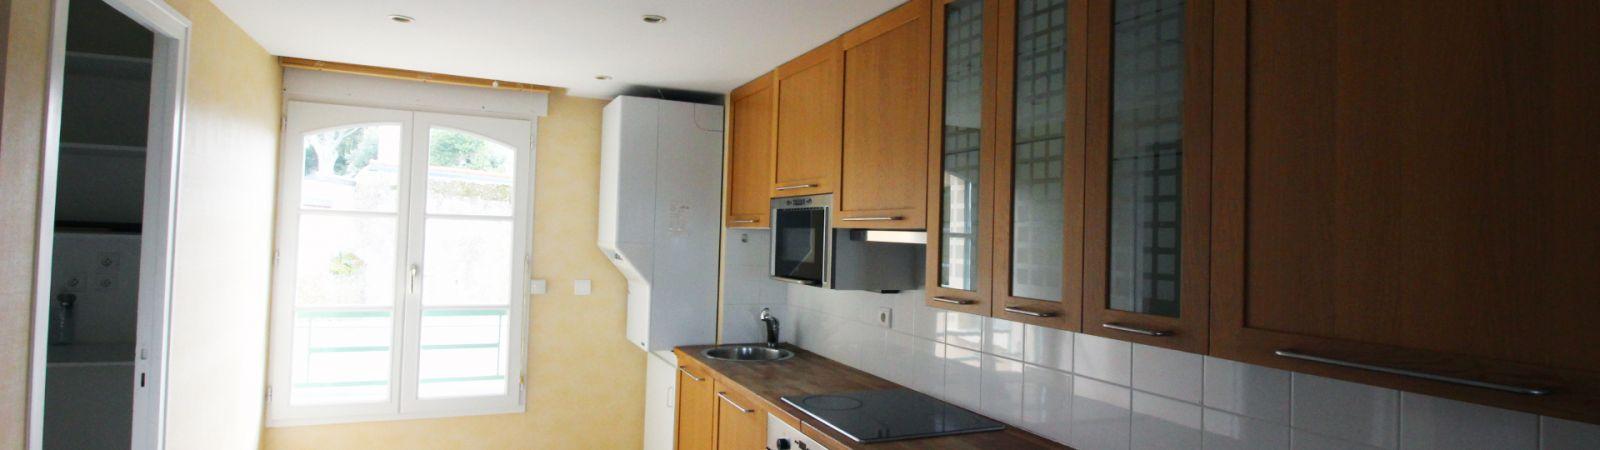 photo 2: Emplacement privilégié pour cet appartement de standing en duplex